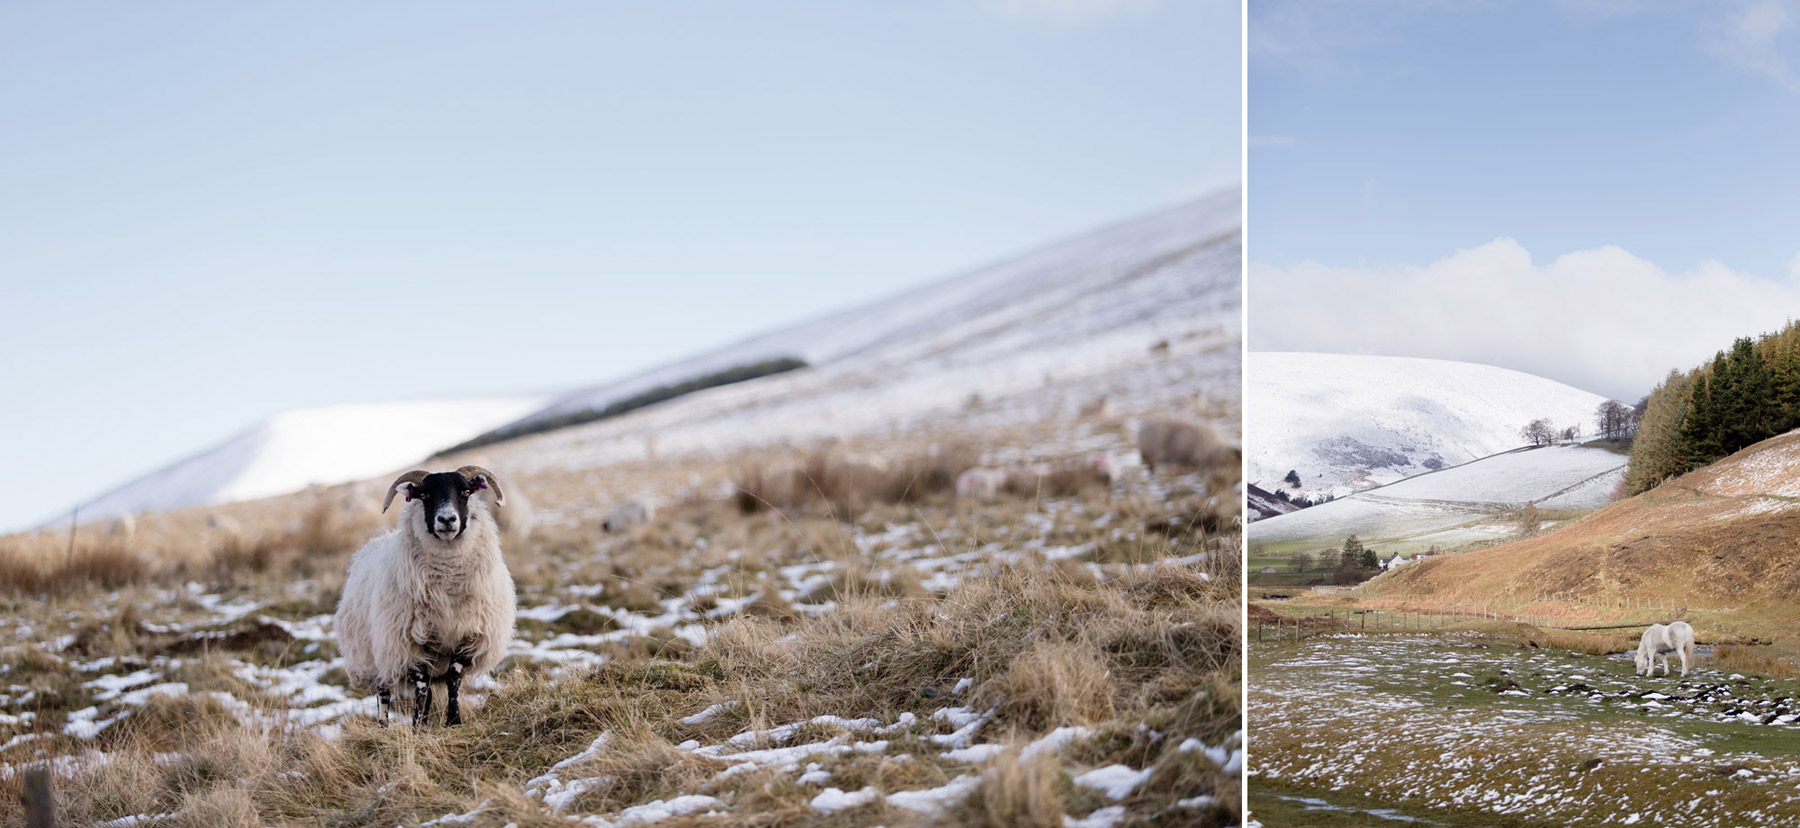 Snotackta kullar i Skottland